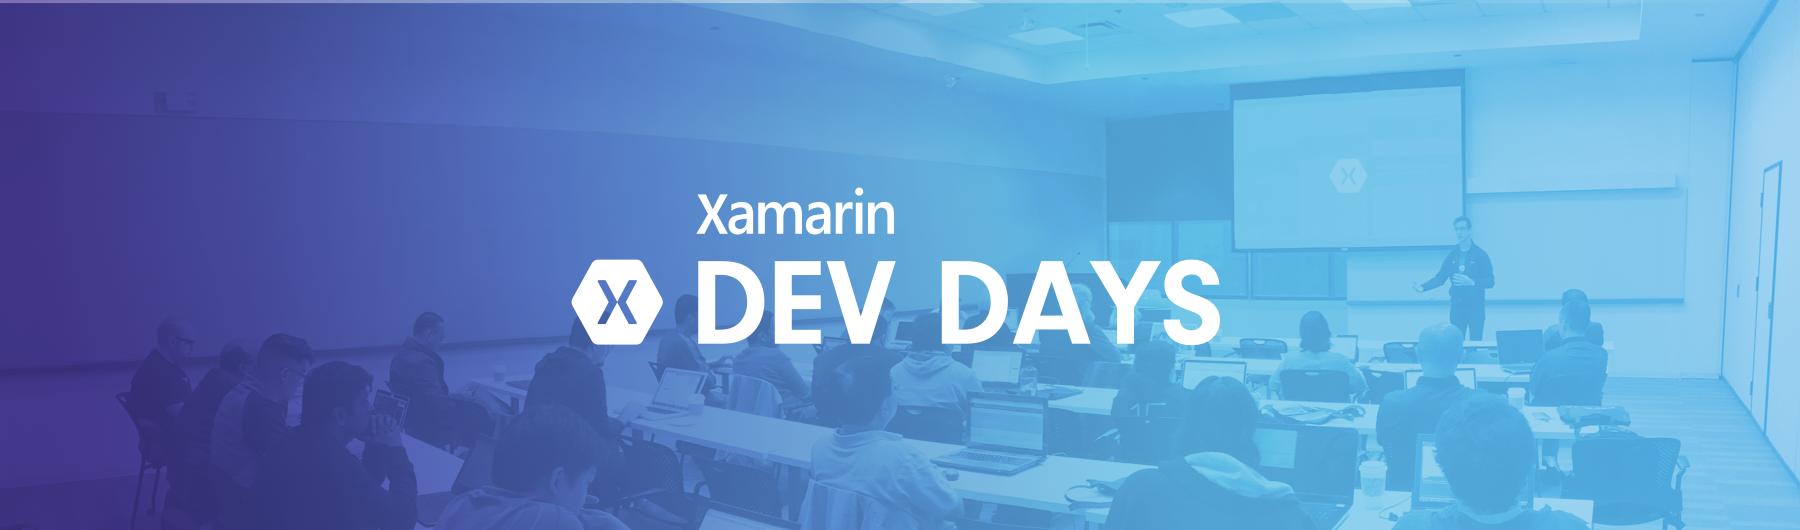 Xamarin Dev Days - Barcelona